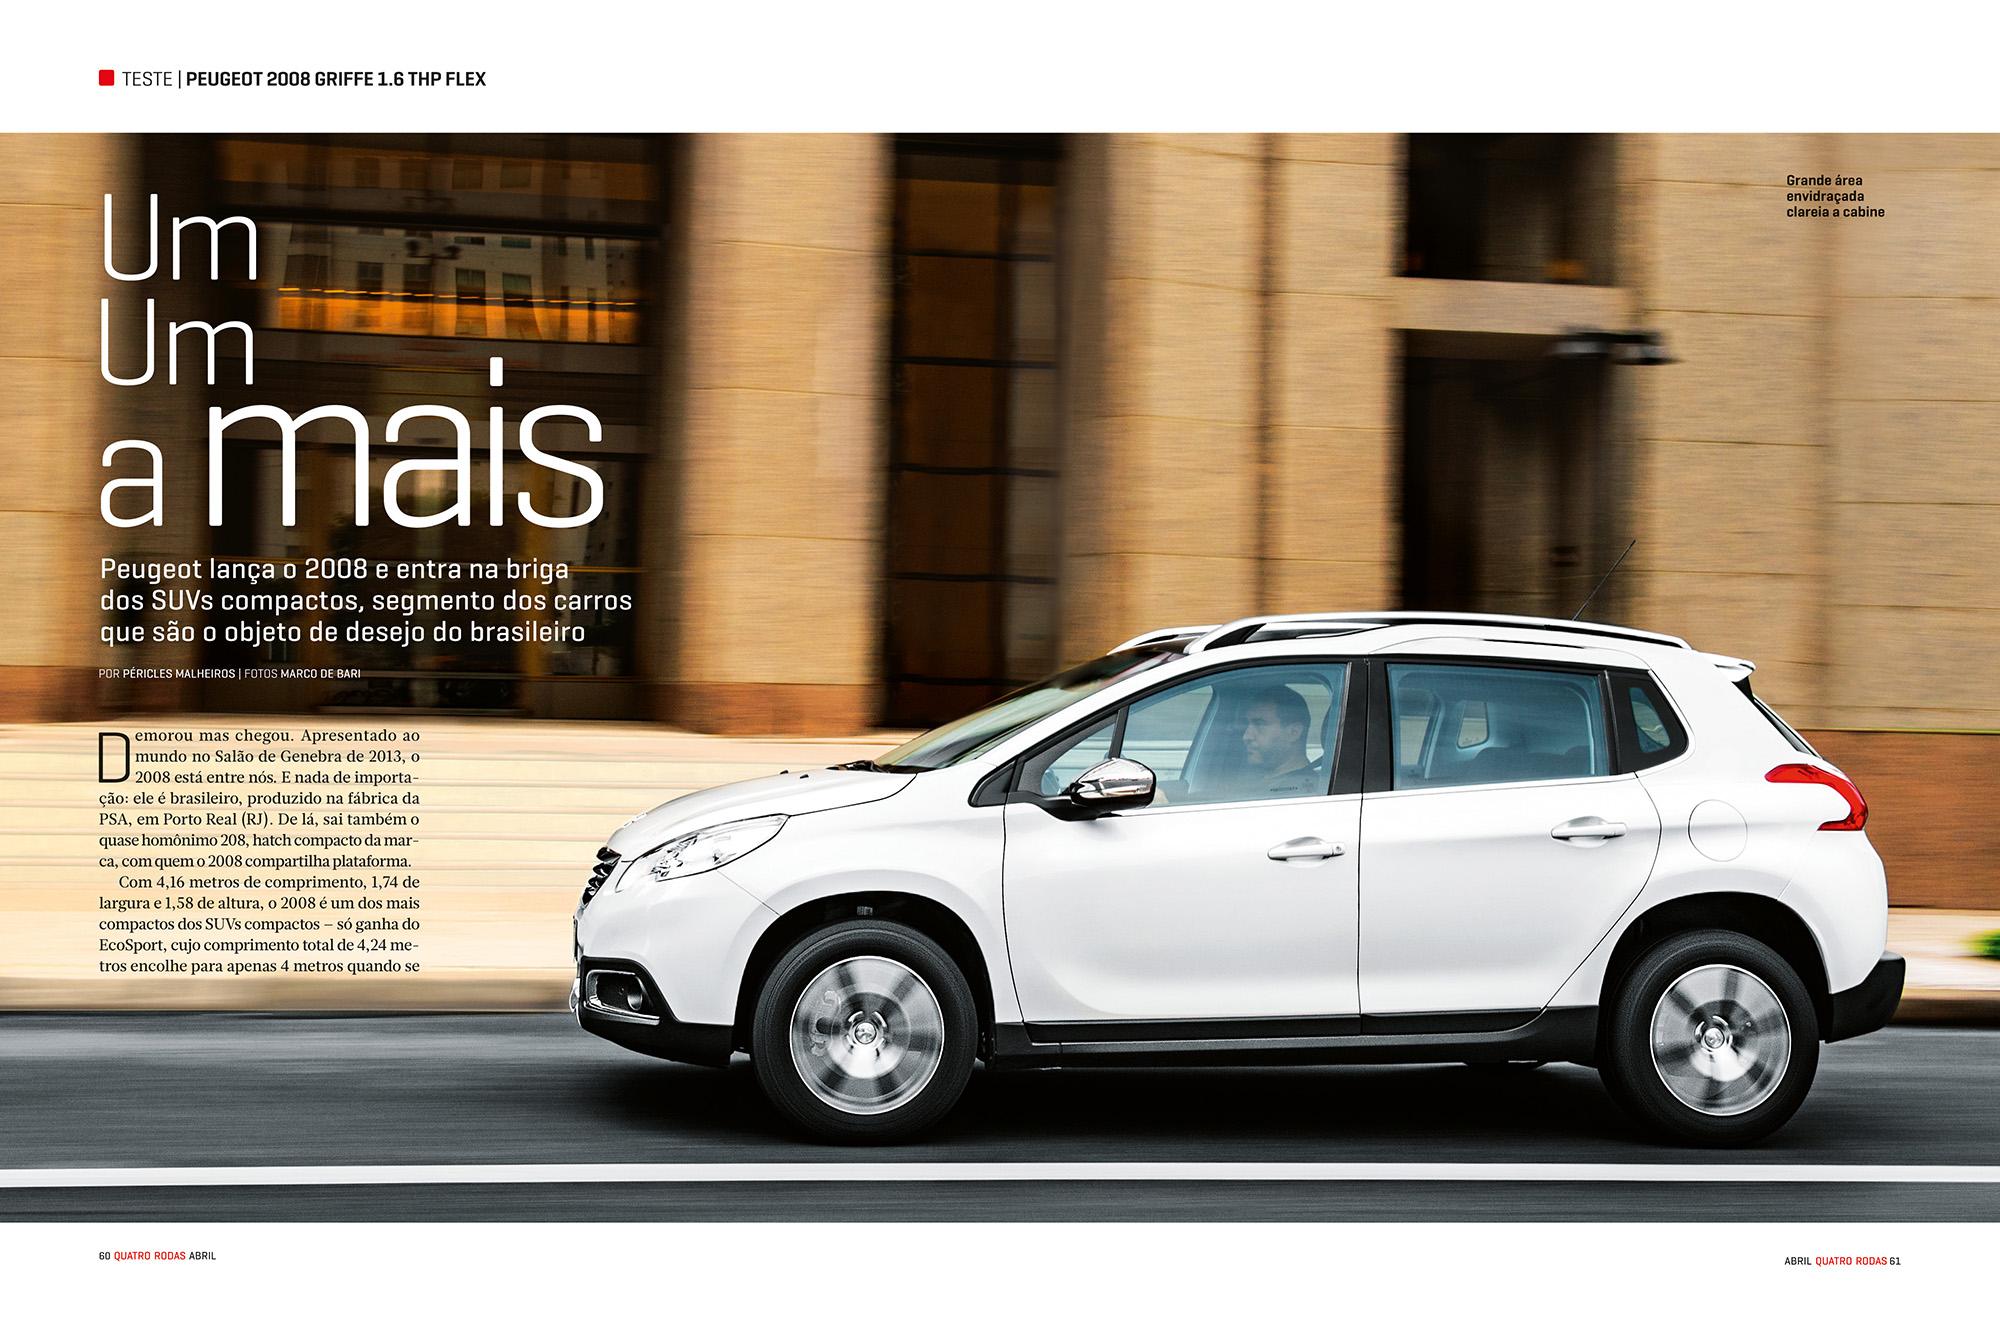 Matéria sobre o Peugeot 2008 na revista Quatro Rodas